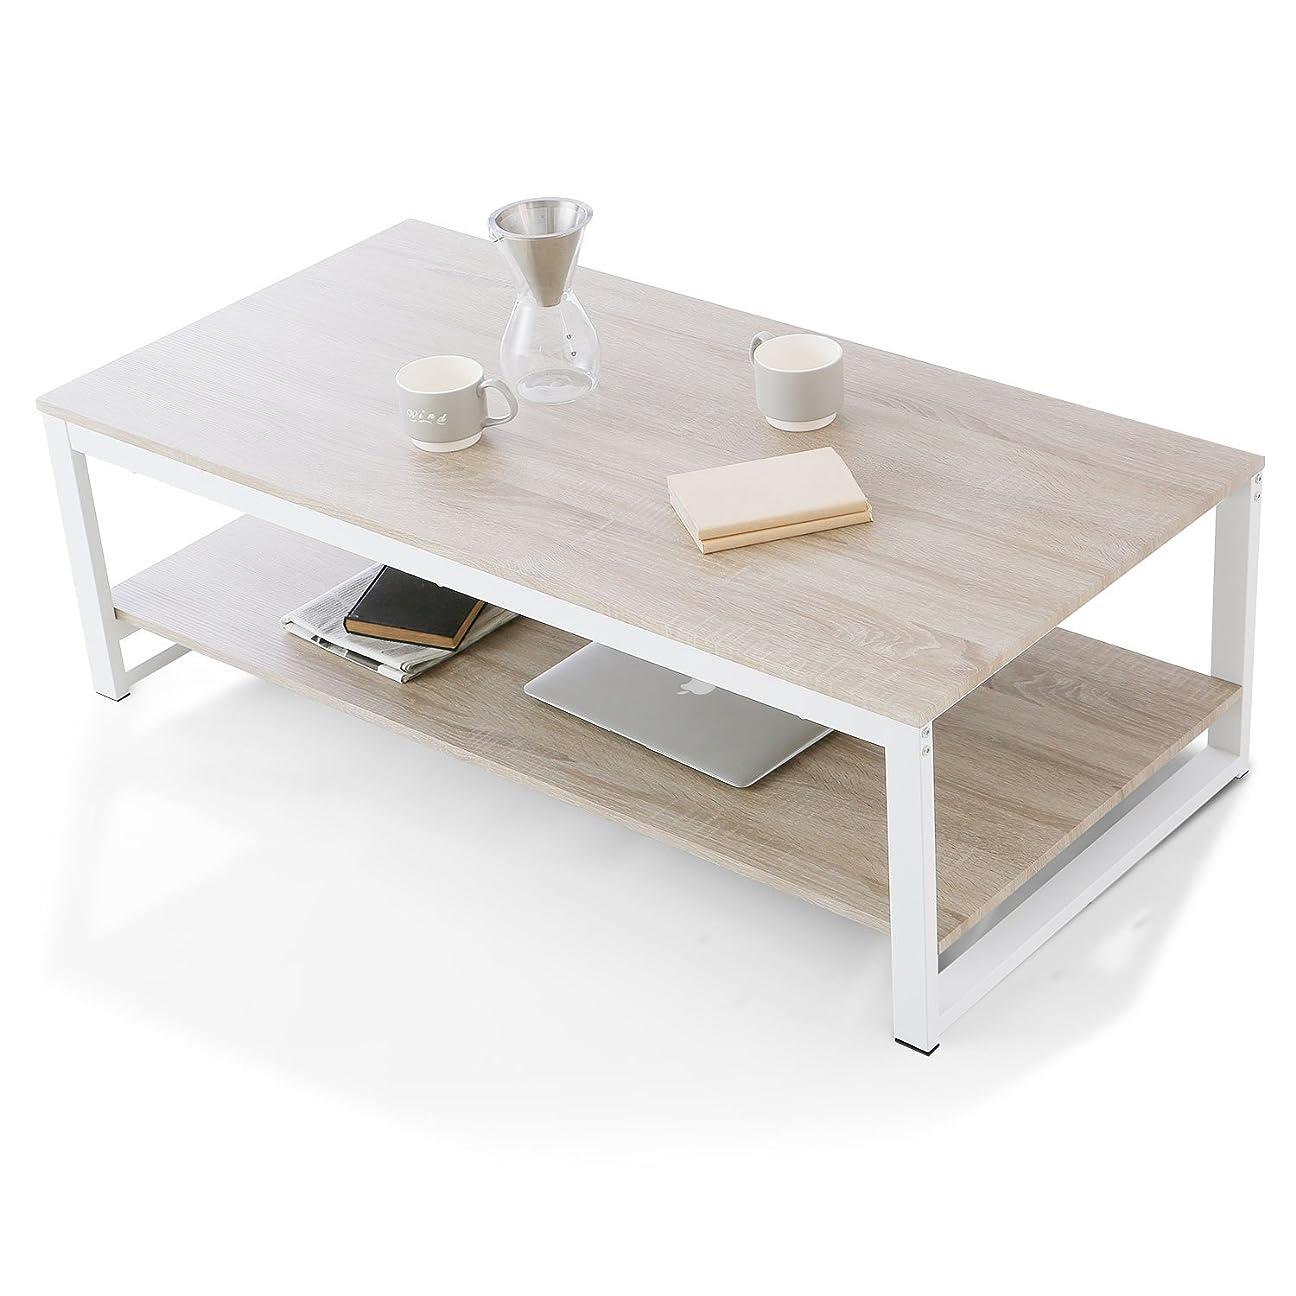 続編モニカ種LOWYA (ロウヤ) テーブル ローテーブル ソファと一緒に使える高さ 収納付 スチールフレーム リアル木目 センターテーブル 高さ38.5cm 幅120cm ナチュラル/ホワイト おしゃれ 新生活